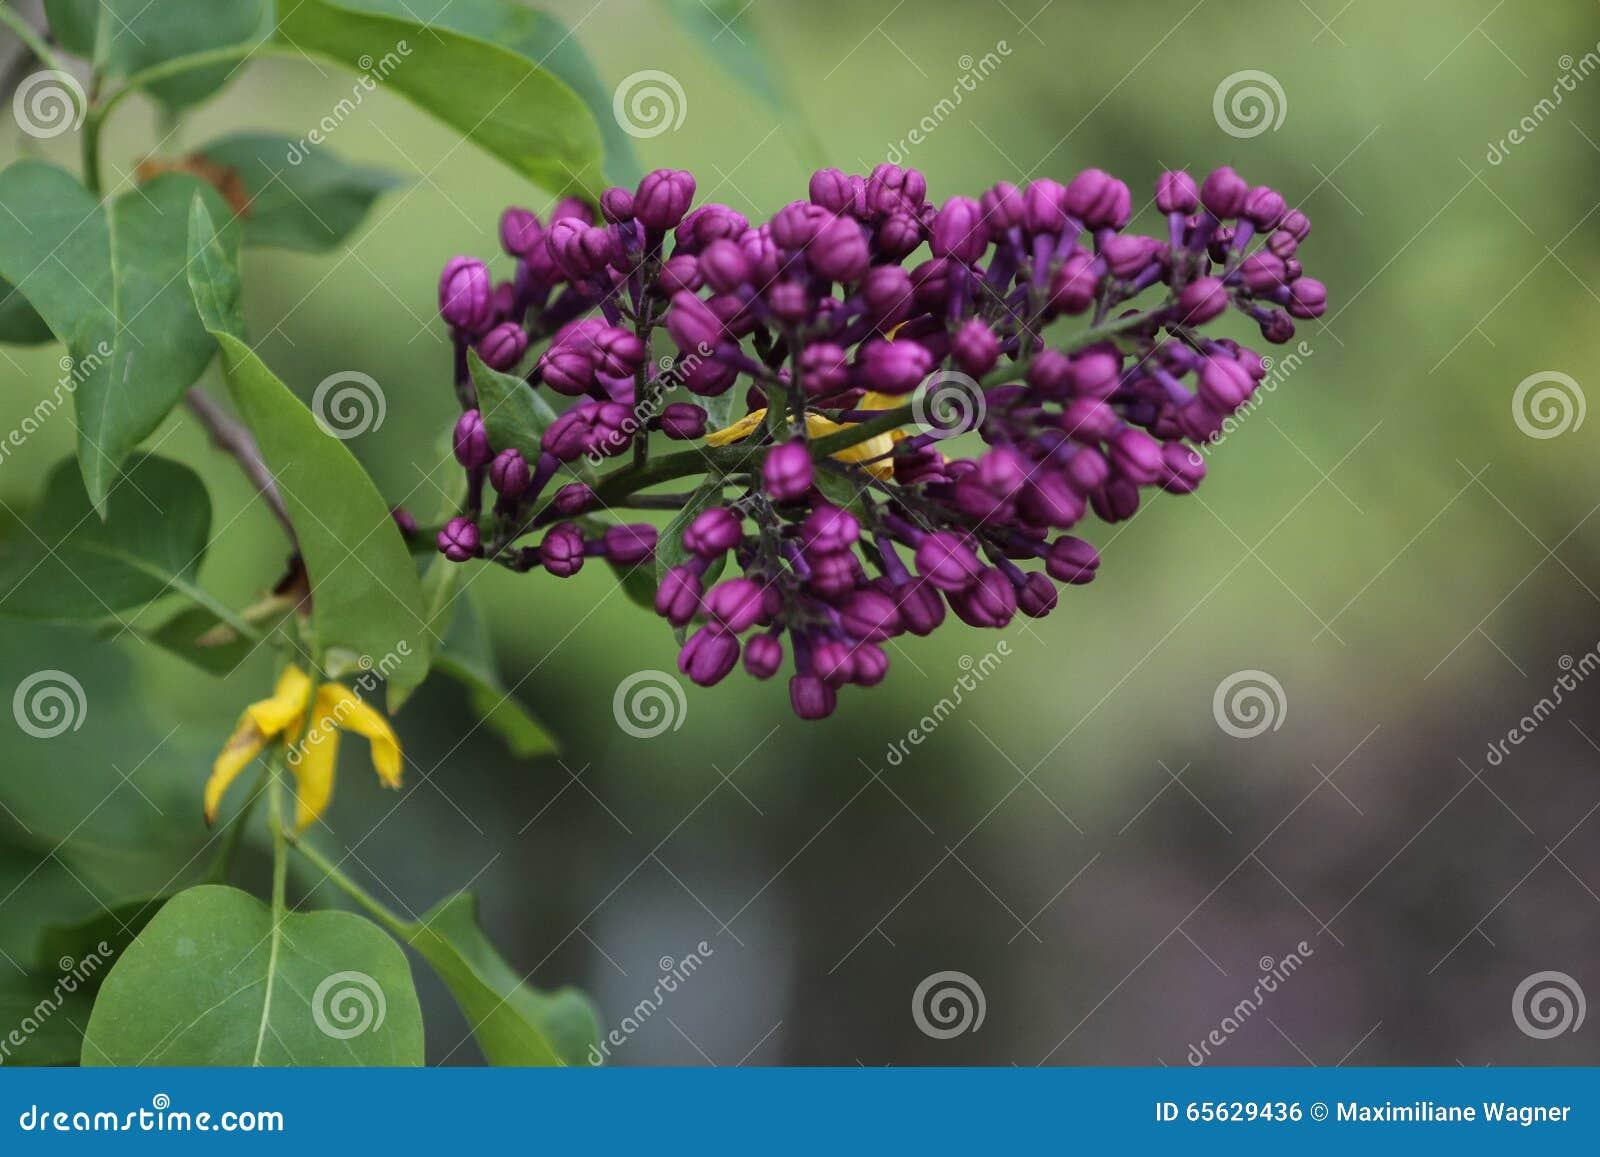 Lilas de floraison (Syringa) dans le jardin